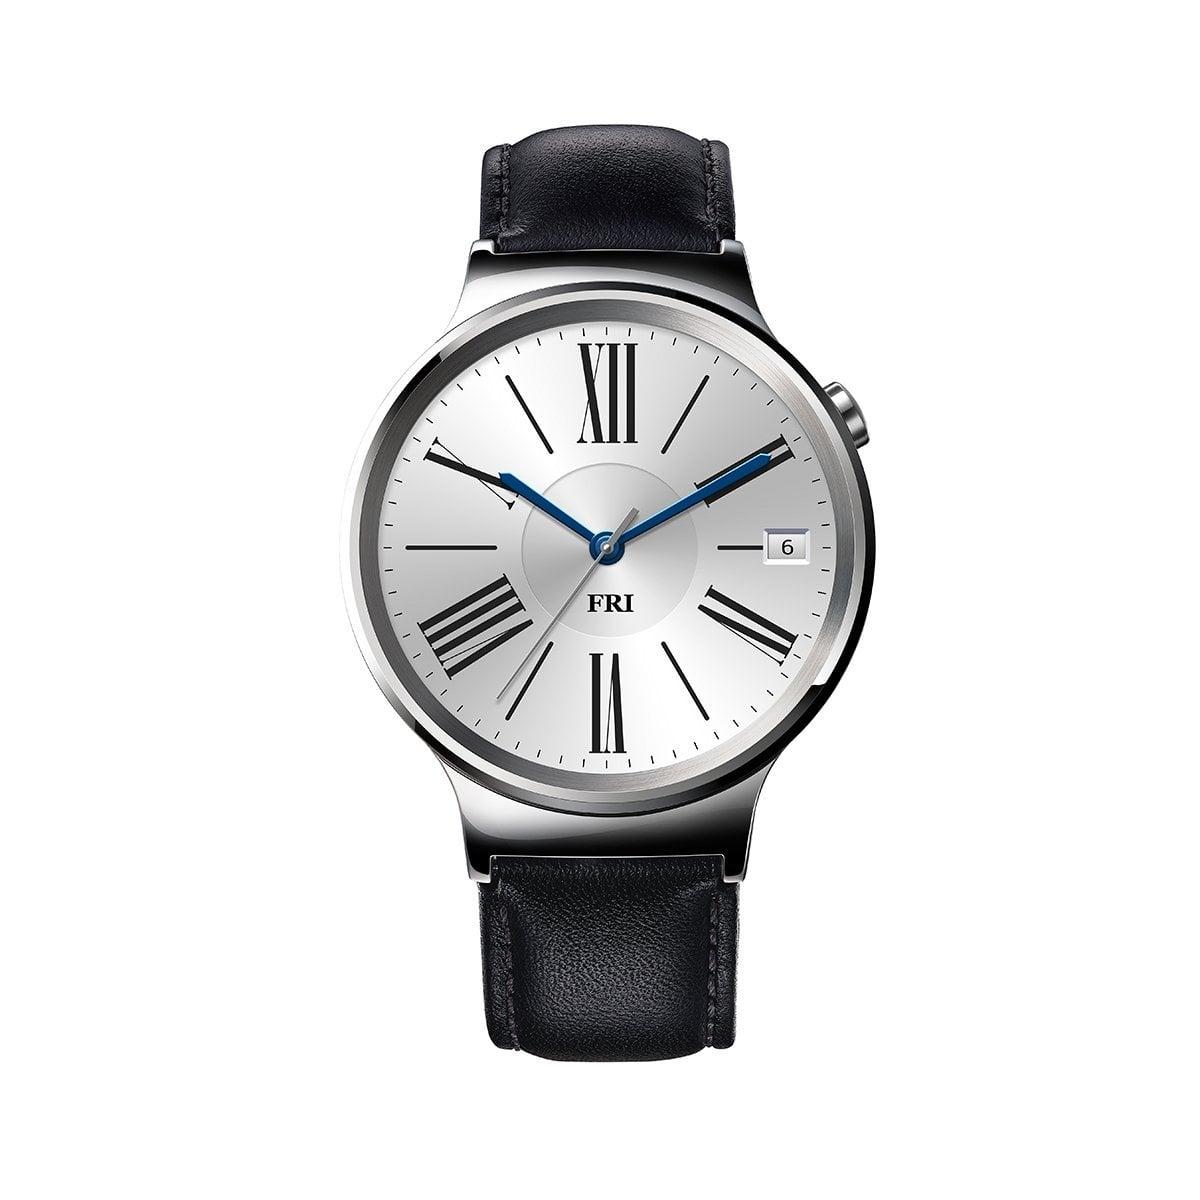 Huawei Watch dostępny w przedsprzedaży na Amazonie - od 350 dolarów 21